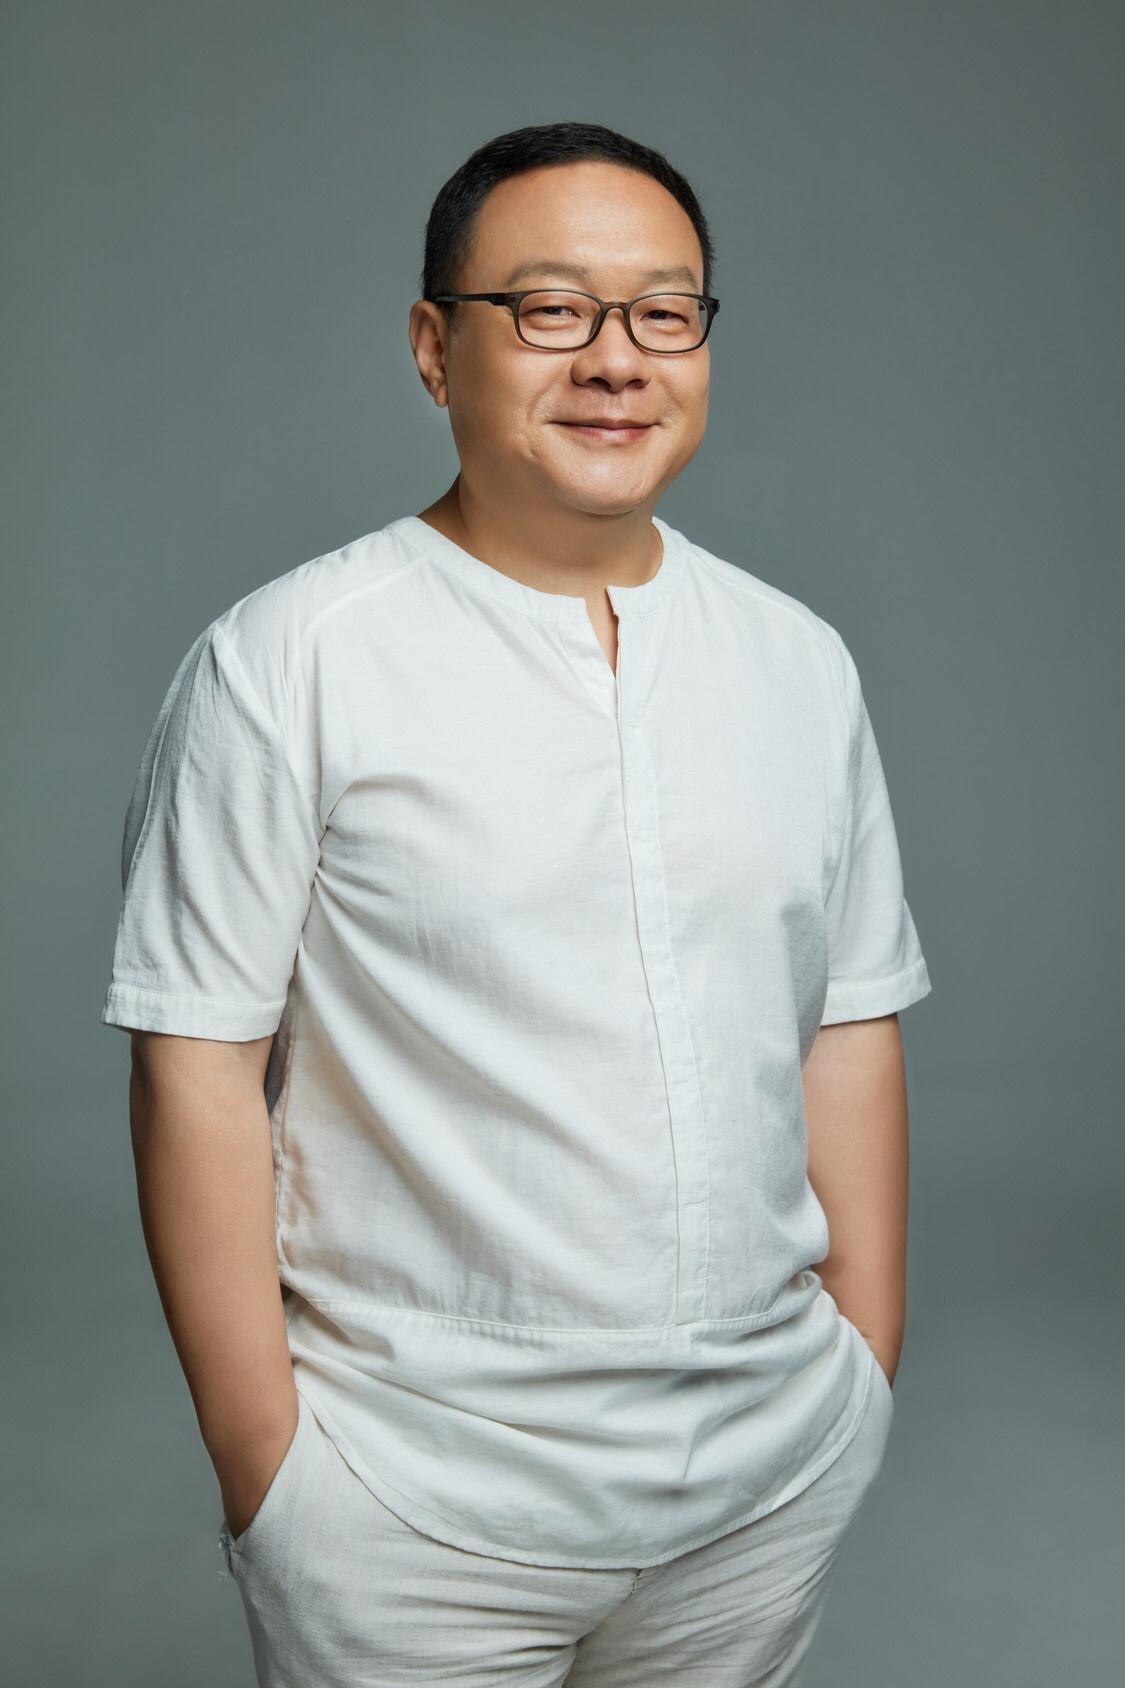 凯叔讲故事高级副总裁王朝阳:会把早教直播作为常态化去思考